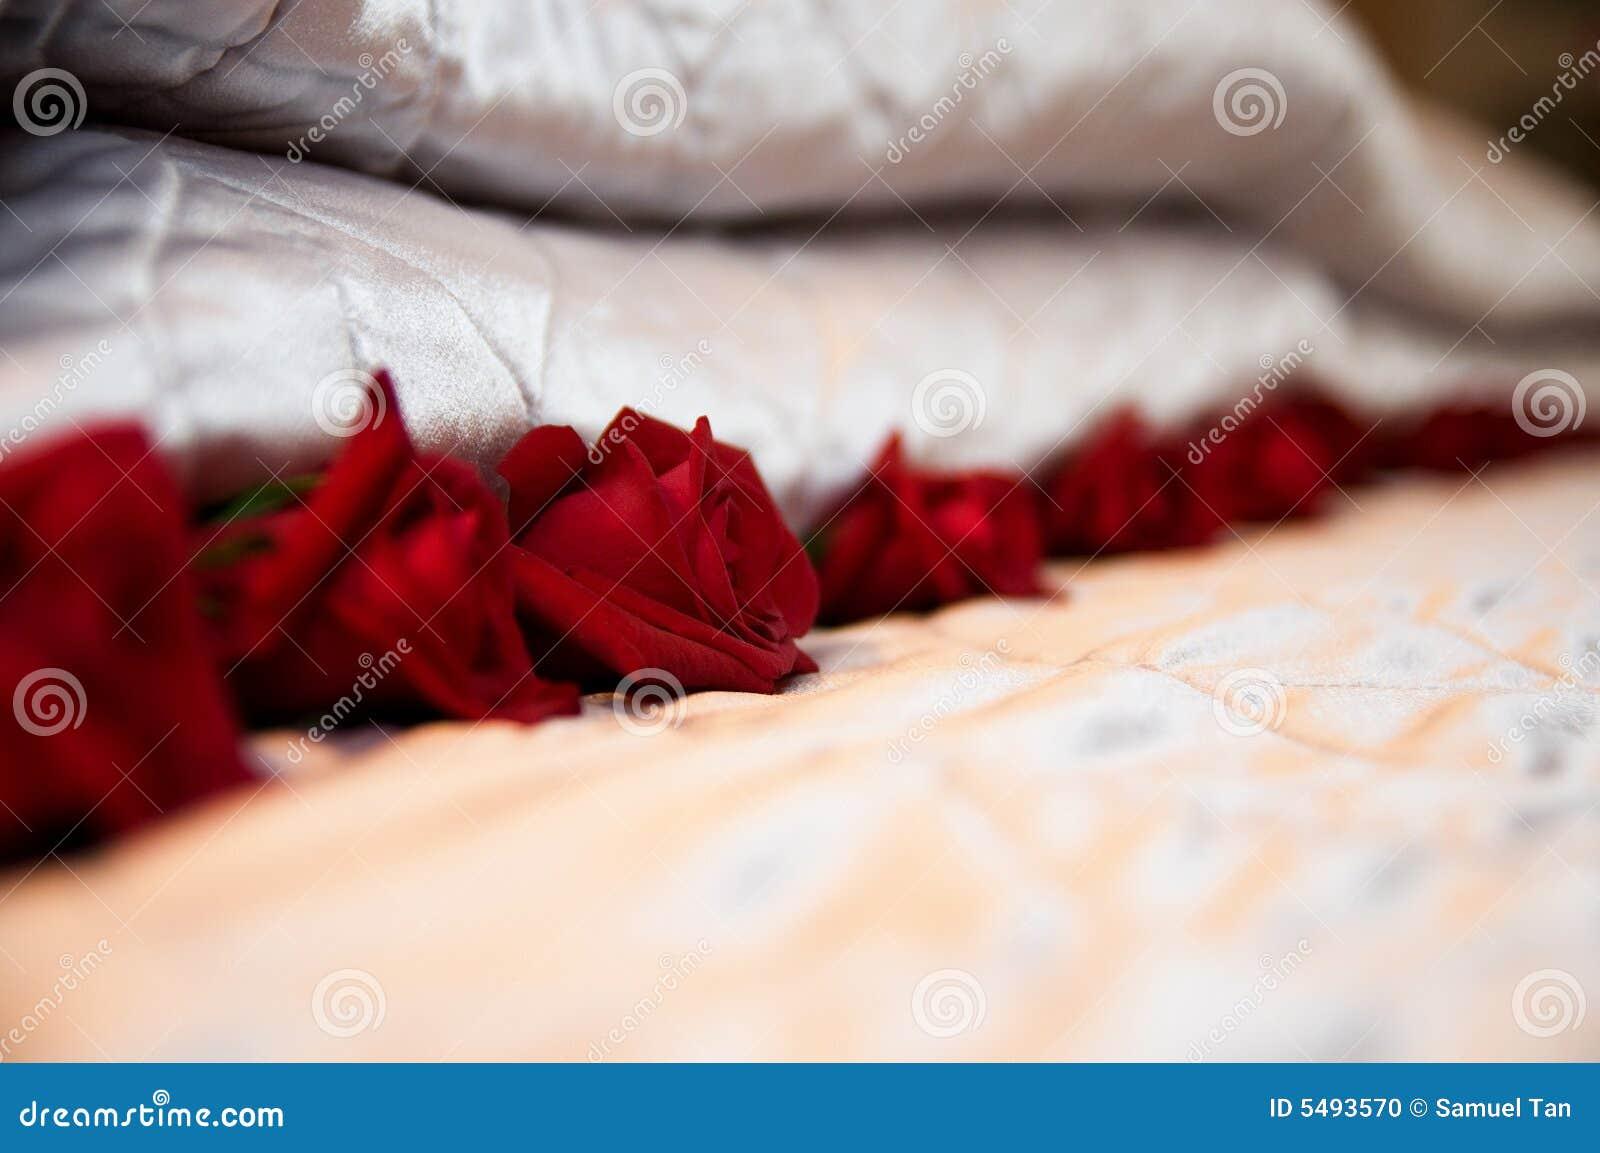 Download Bett Rosen Stockfoto. Bild Von Bett, Rosen, Recht, Blumen